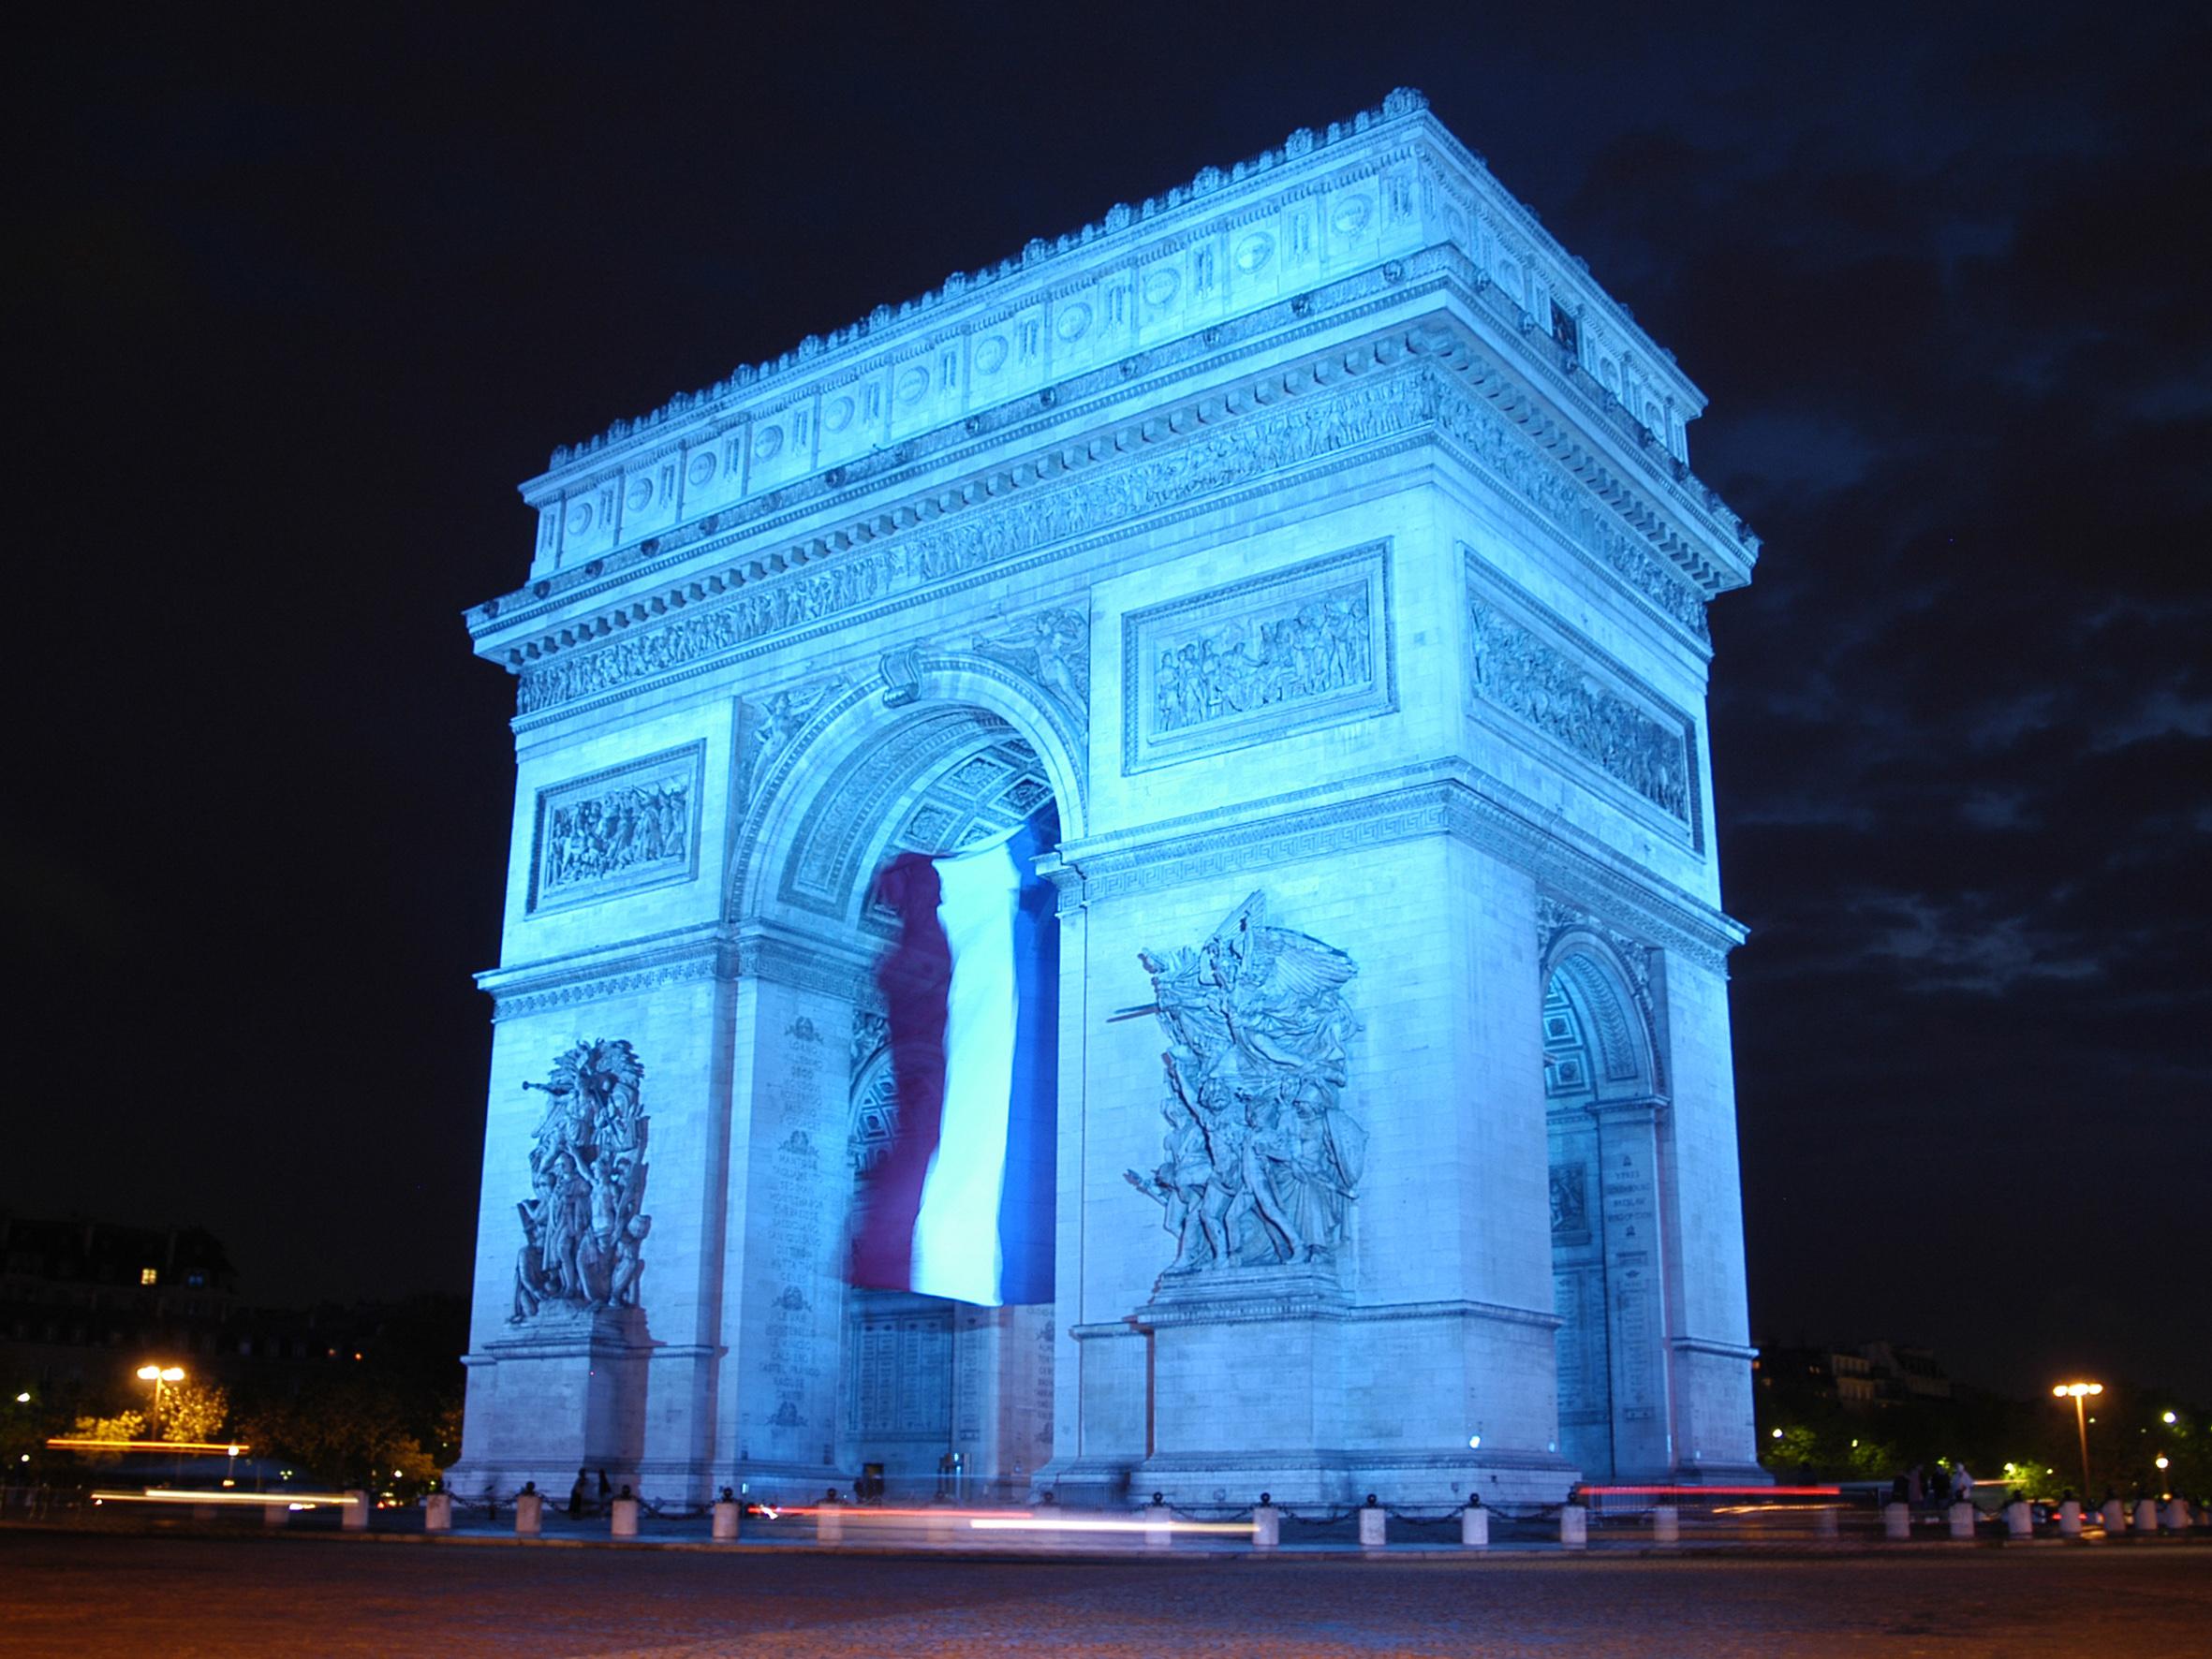 Paris Wallpaper Cute For Iphone Arc De Triomphe Wallpapers Pictures Images